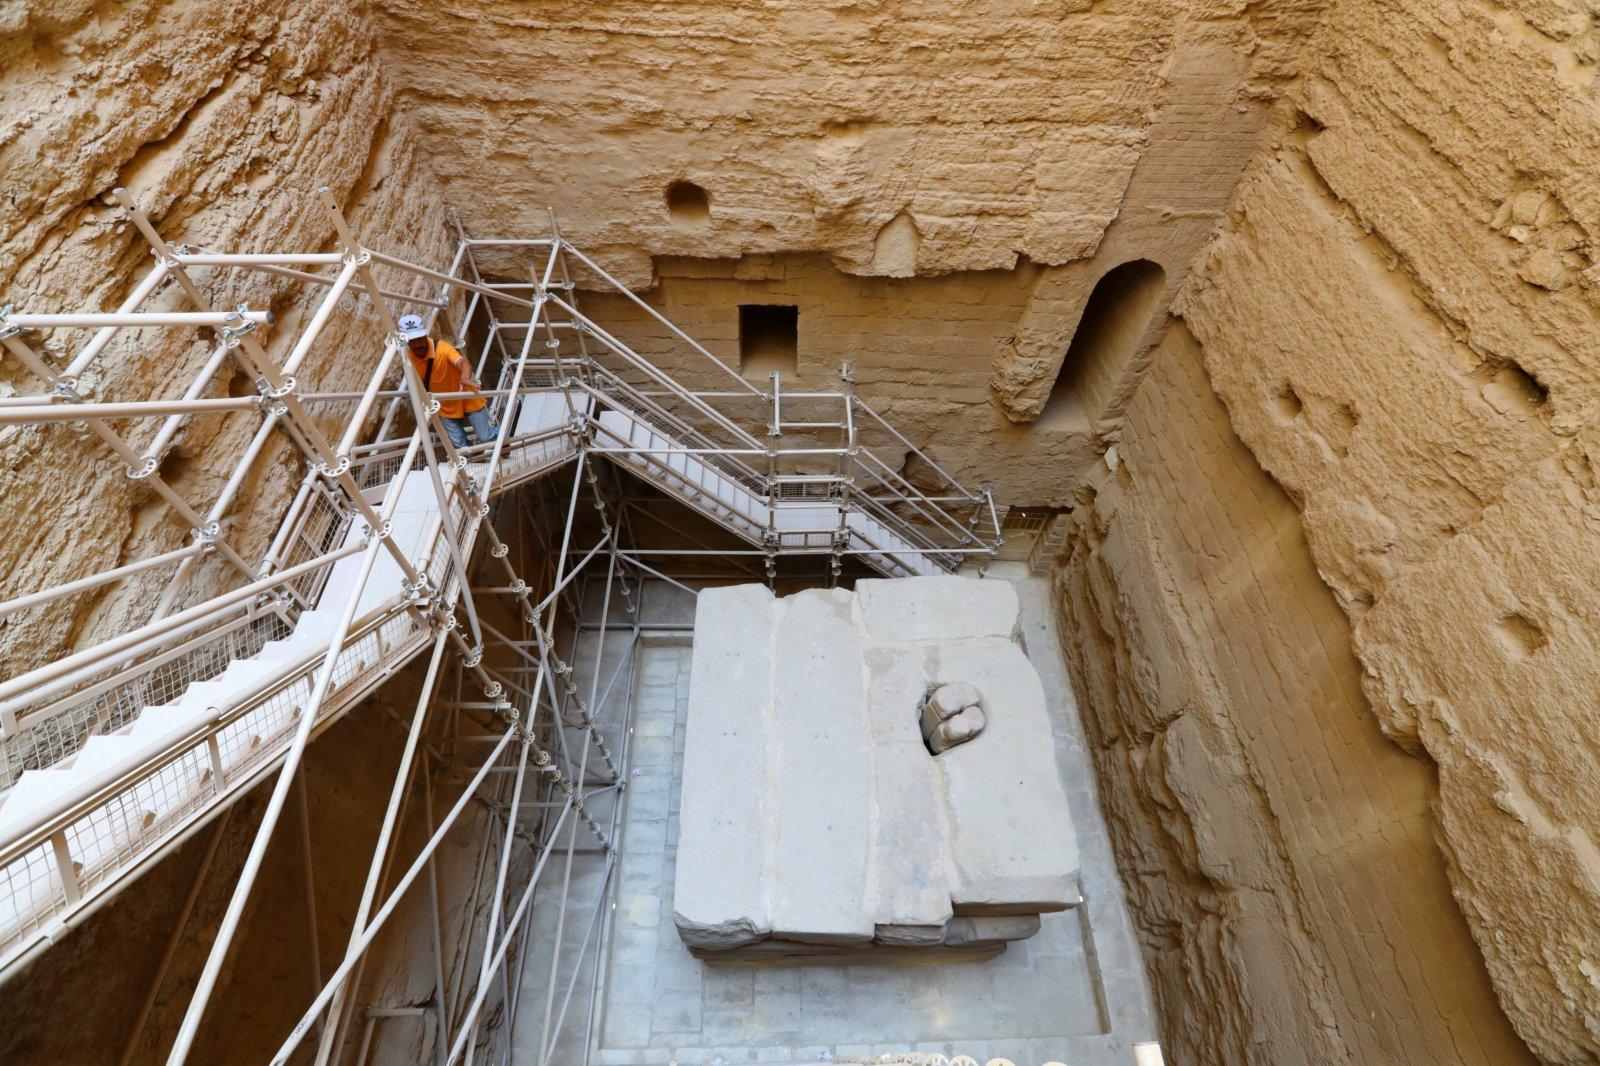 景區管理者在埃及首都開羅以南的塞加拉地區一座左塞爾時期古墓內查看。